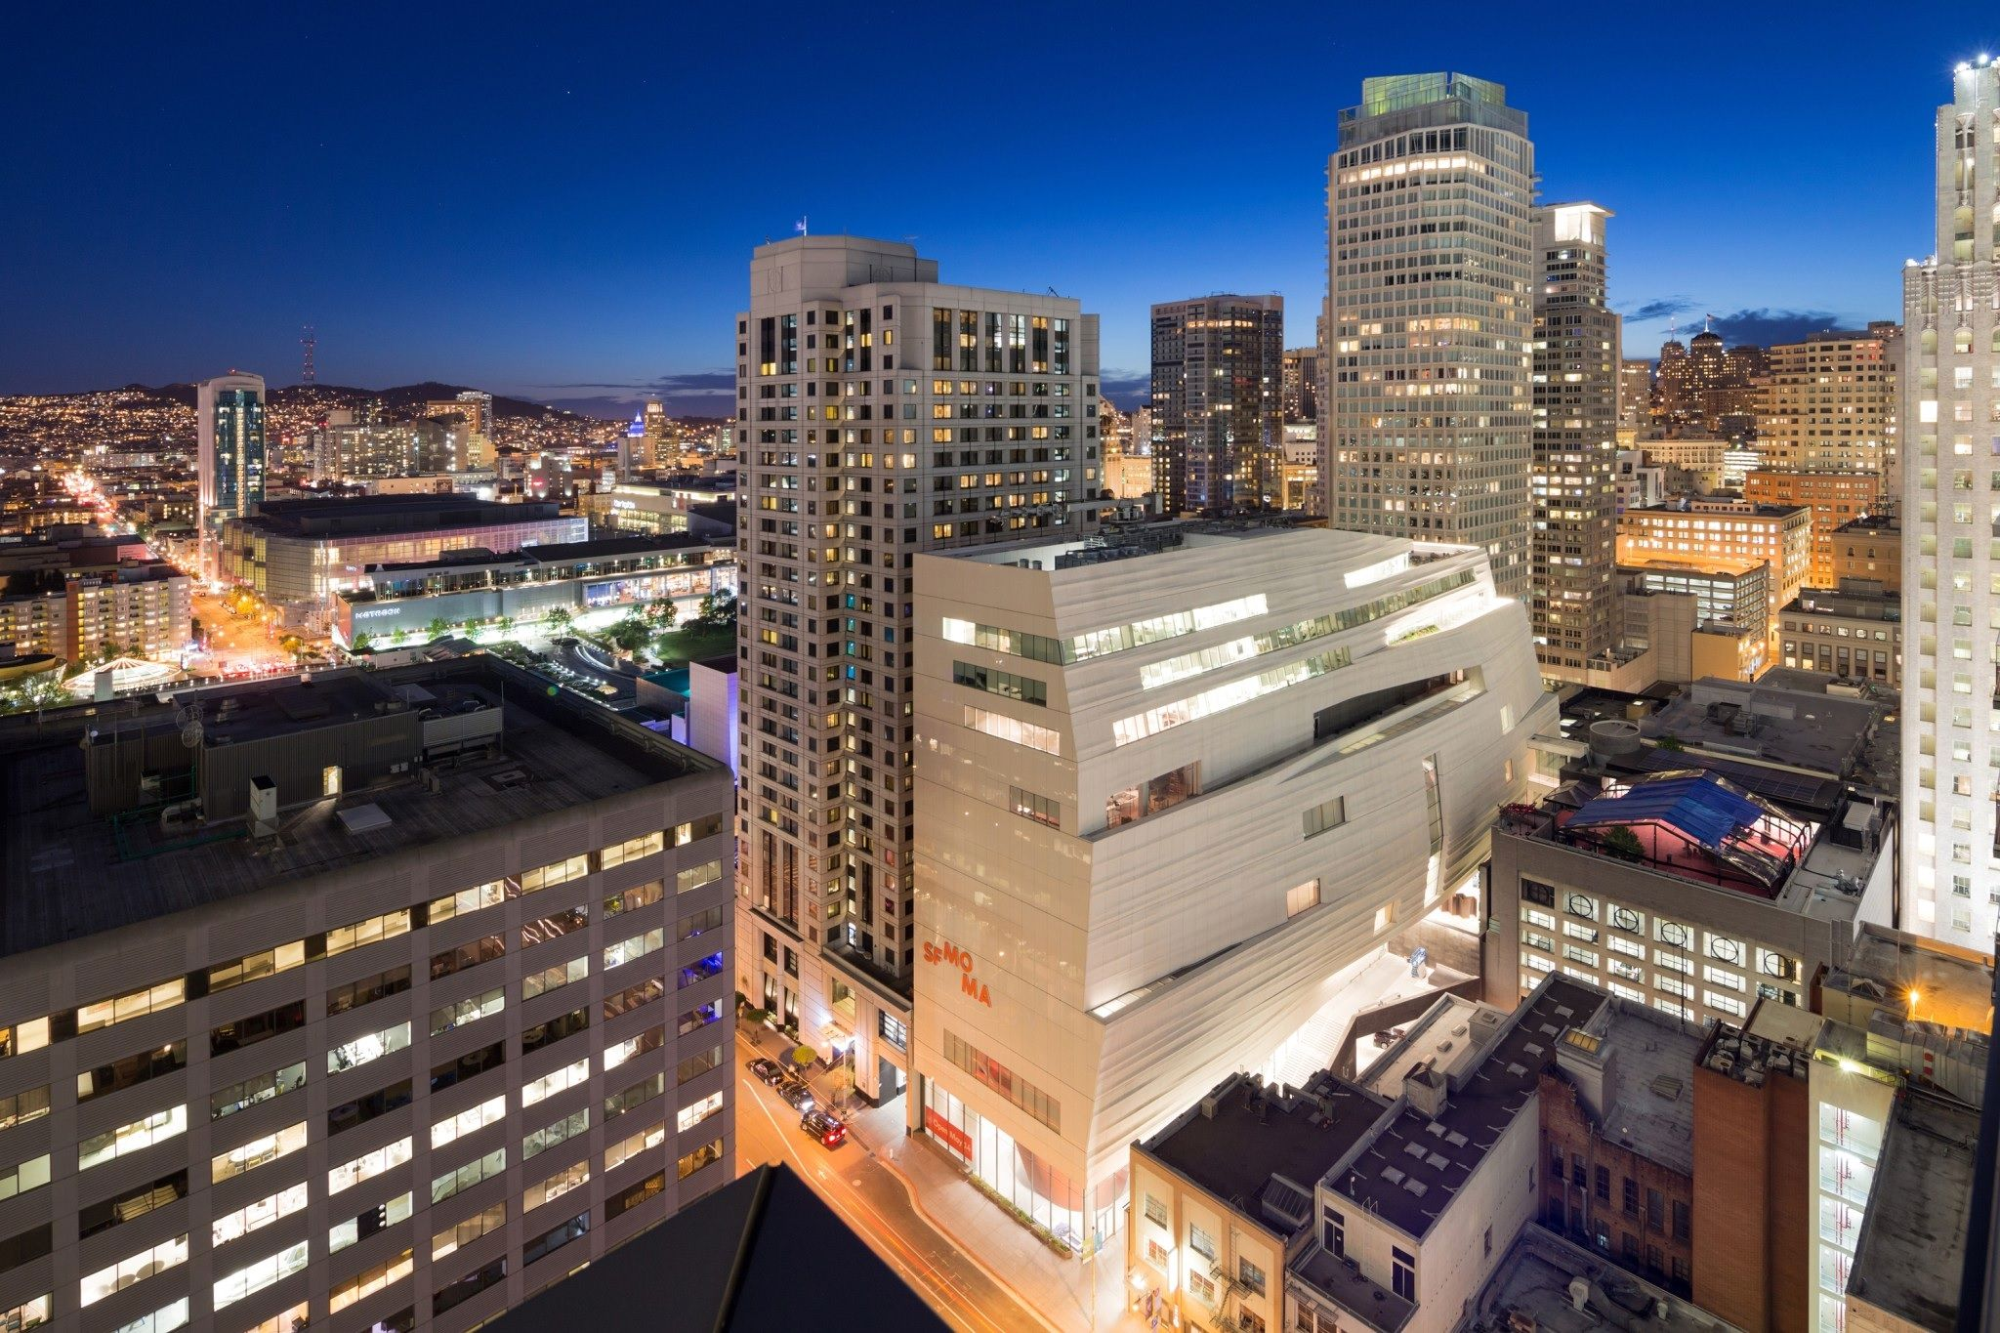 Museum of Modern Art i San Fransisco er tegnet av Snøhetta. Fasadeplatene er alle unike, ikke to er like. Oshaug Metall ser nå muligheten til å kunne konkurrere på et slikt marked når de kan kutte ut de fysiske modellene.